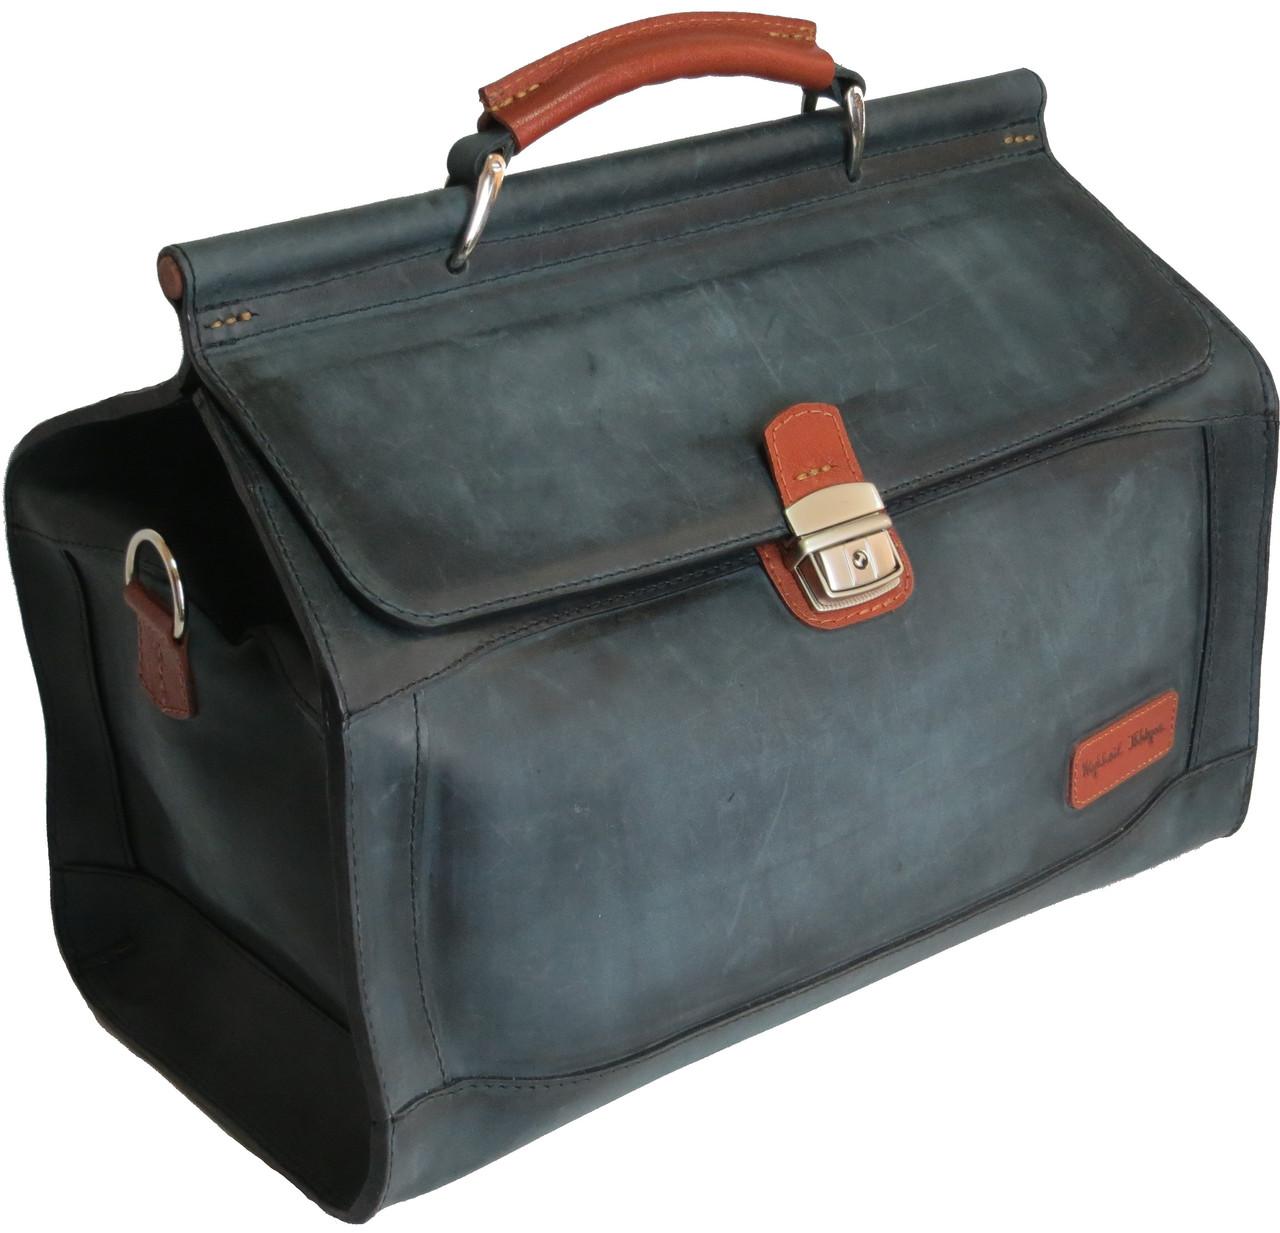 Компактные дорожные сумки киев профессиональные саквояжи чемоданы